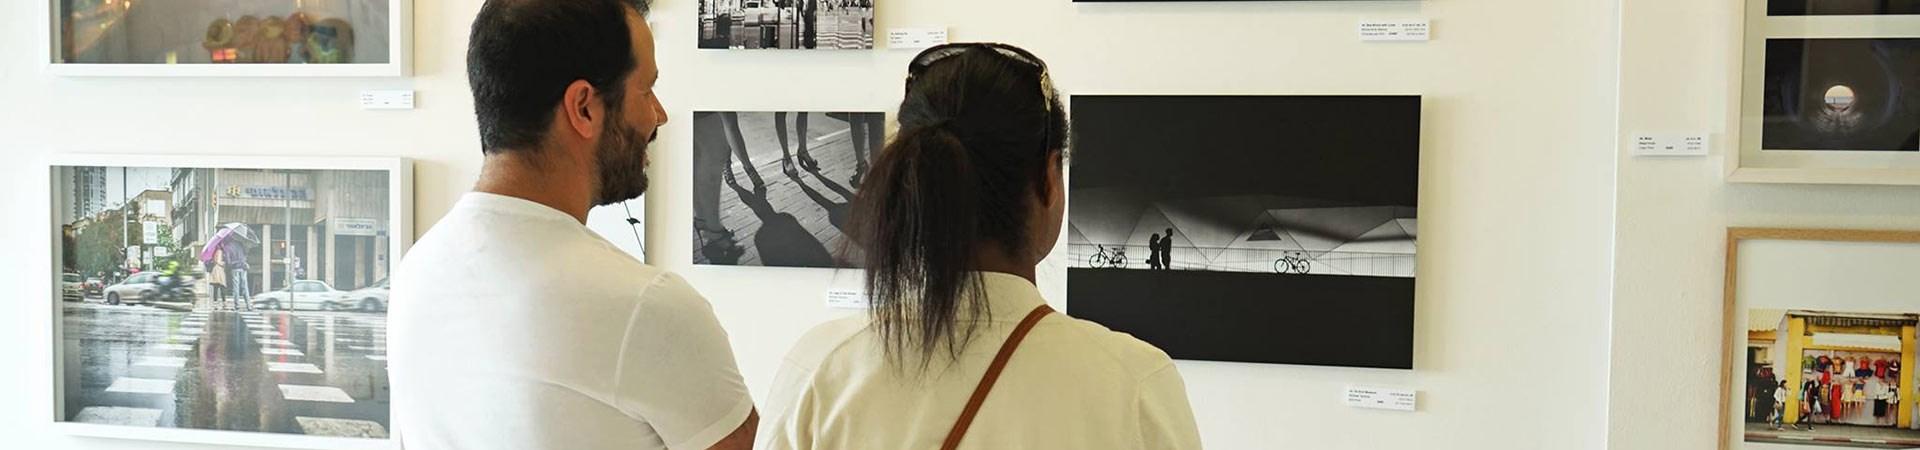 גלריה בפרימה תל אביב